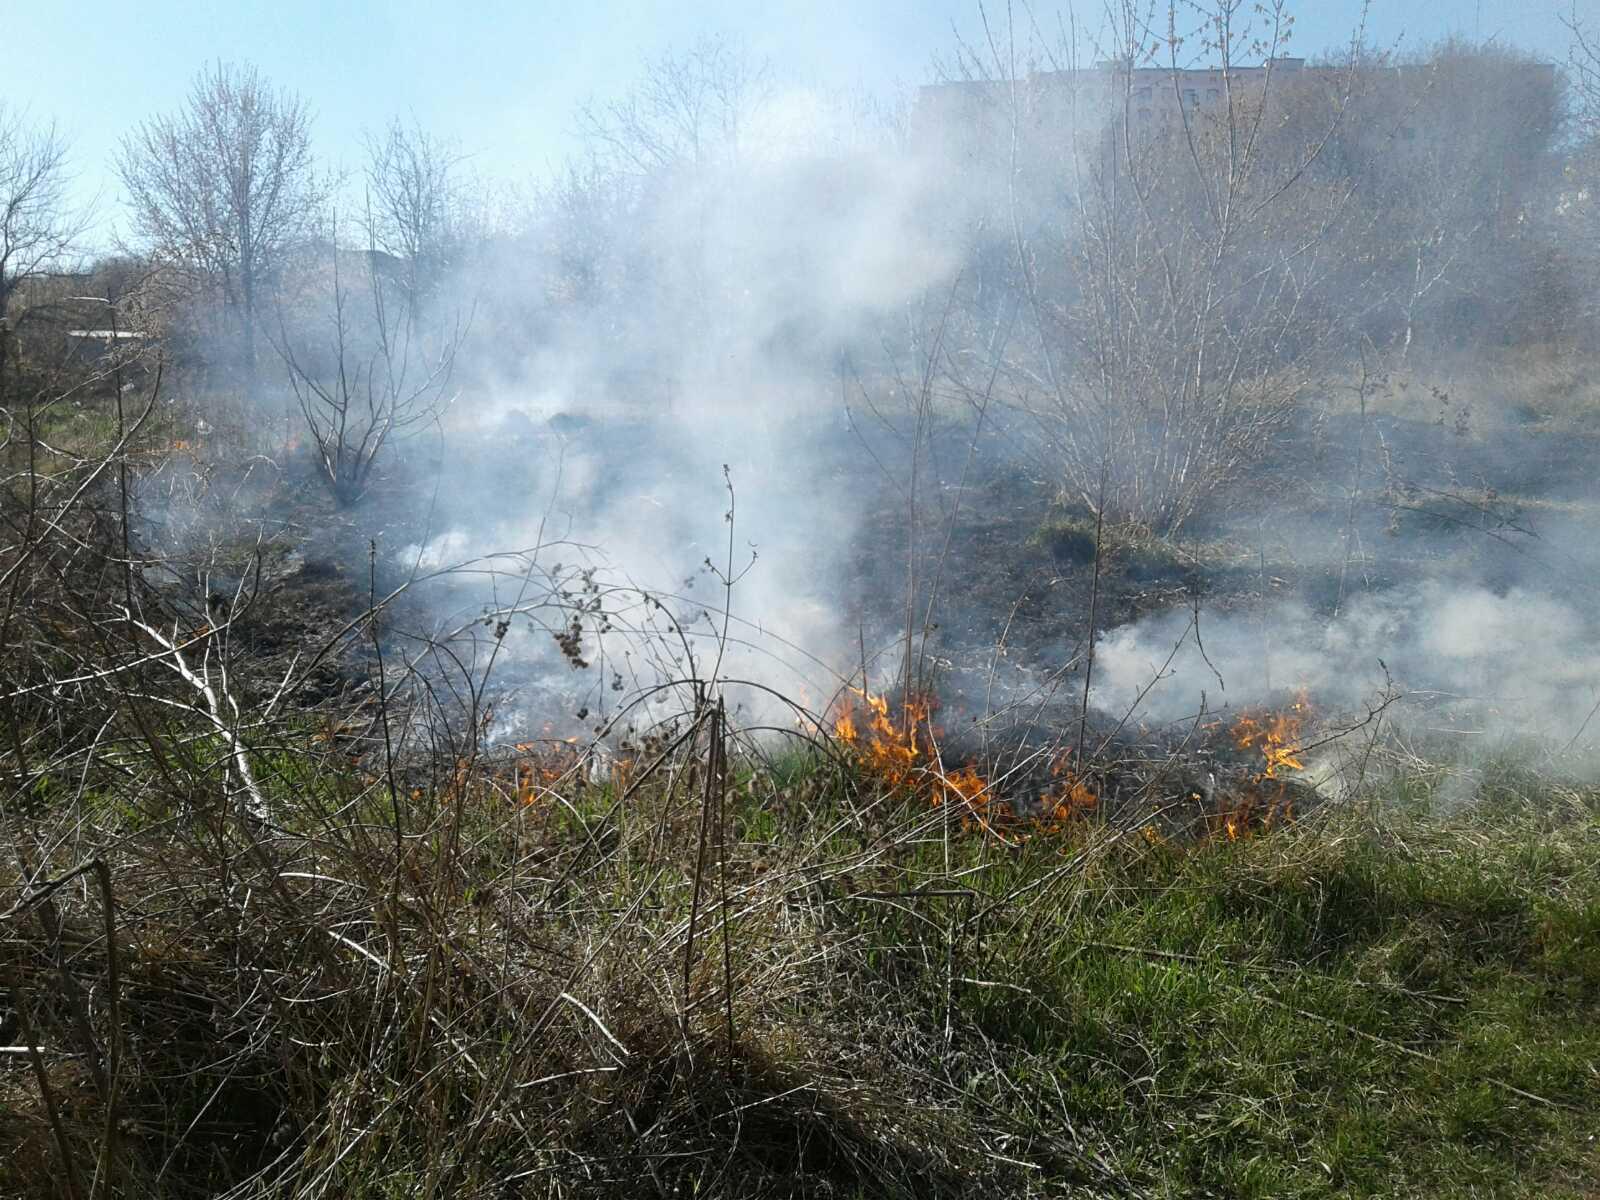 Білоцерківщина у вогні: рятувальники 4 рази протягом доби гасили пожежі у природних екосистемах - пожежі, ДСНС, Біла Церква - yzobrazhenye viber2